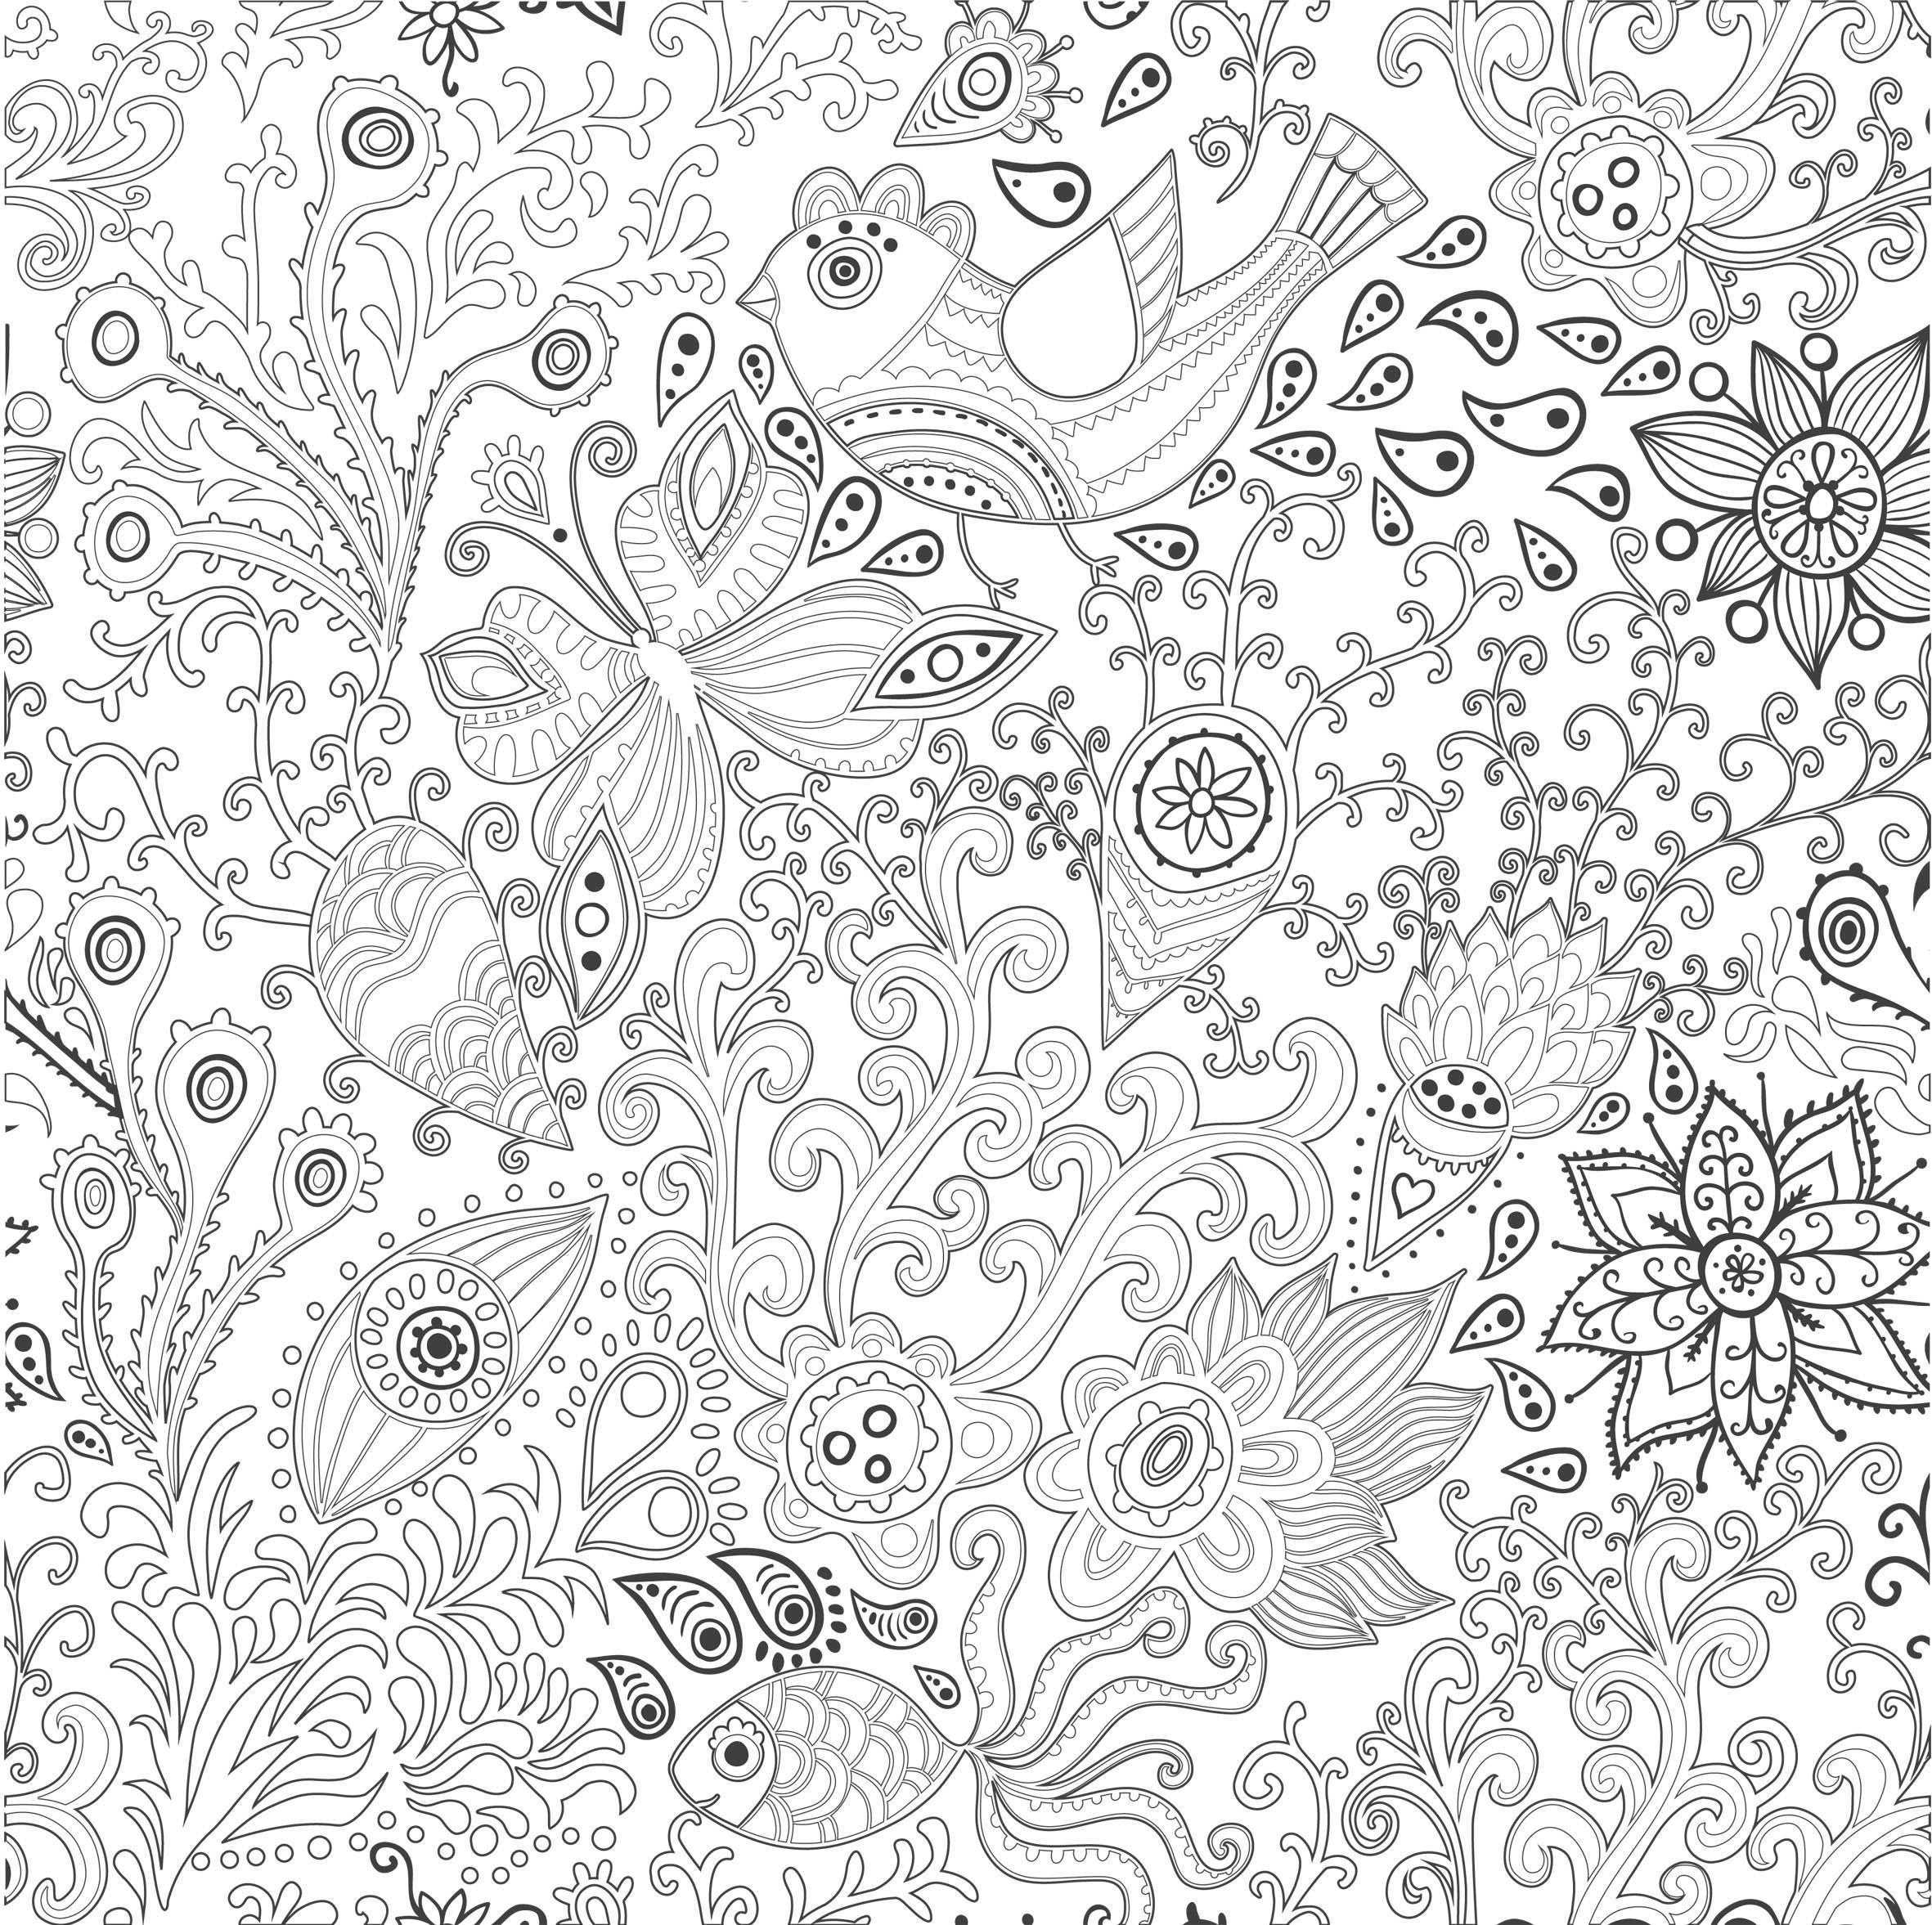 Kleurplaten Volwassenen Herfst.Afbeeldingsresultaat Voor Kleurplaten Voor Volwassenen